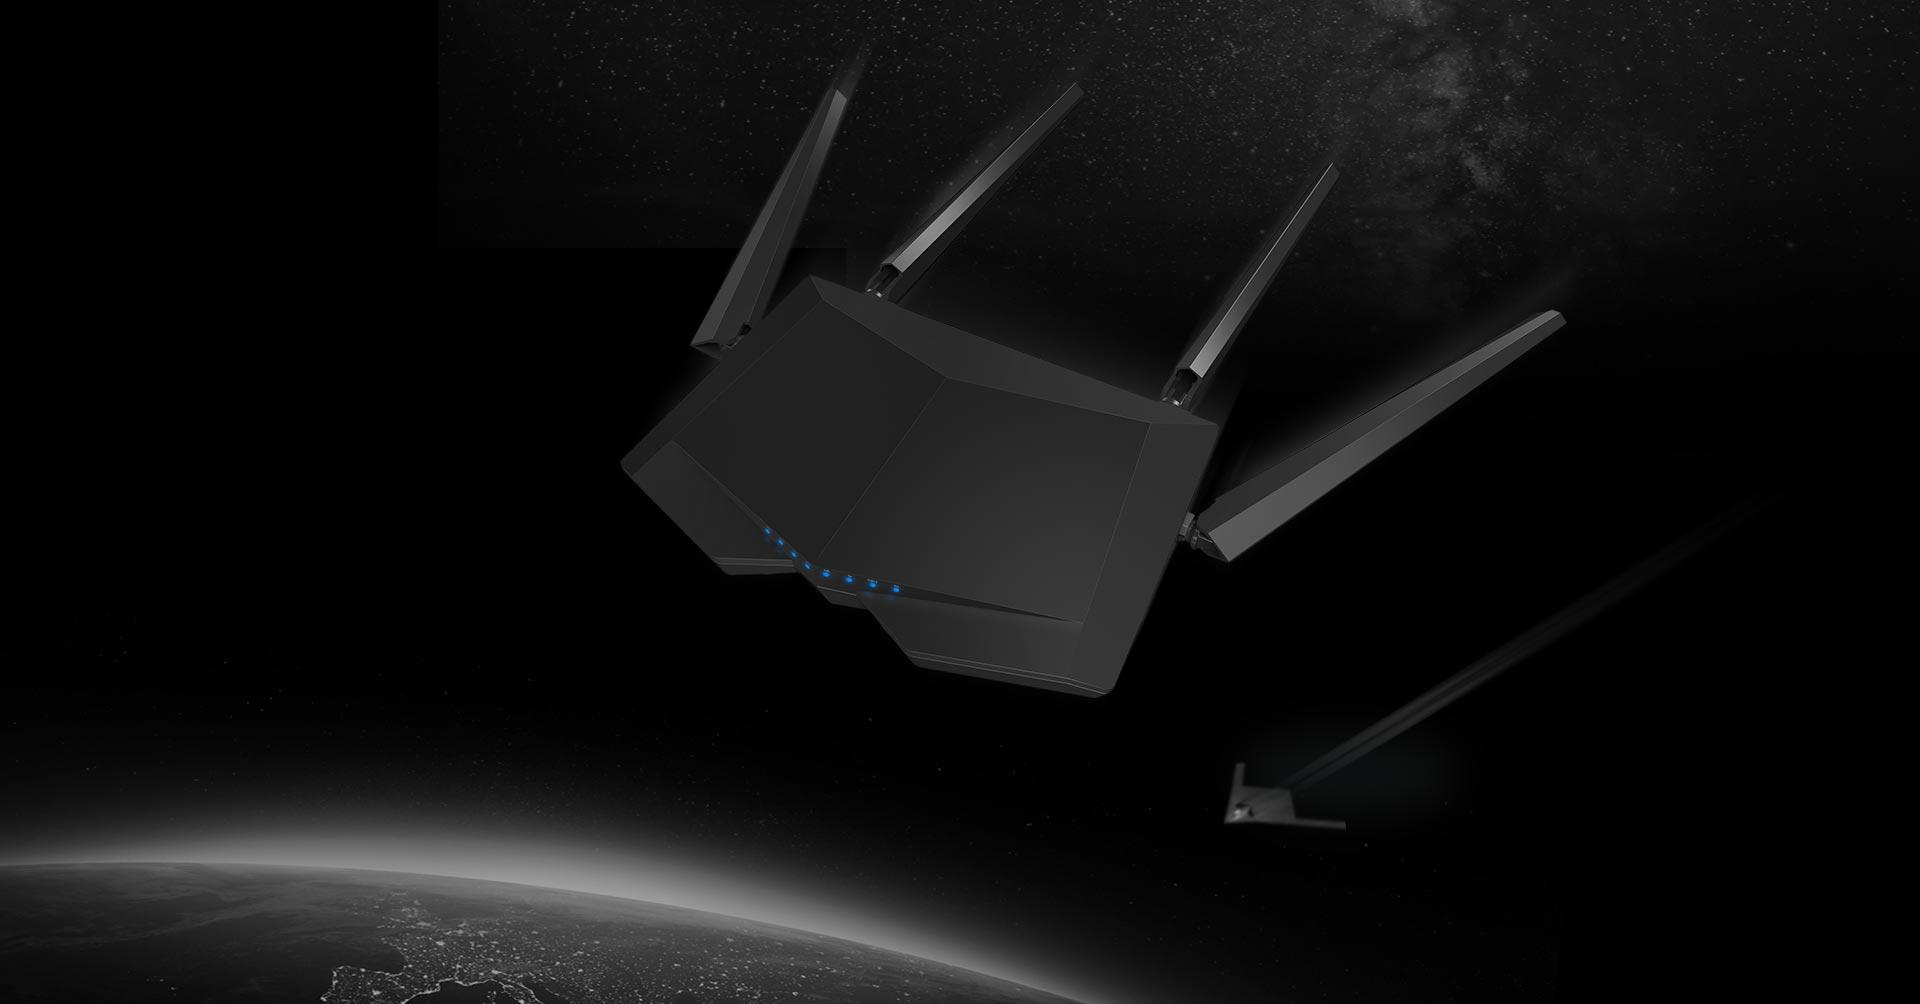 Tenda AC6-1200 Bộ định tuyến (Router) Wifi 2 băng tầng tốc độ 1200Mbps tin hoc dai viet